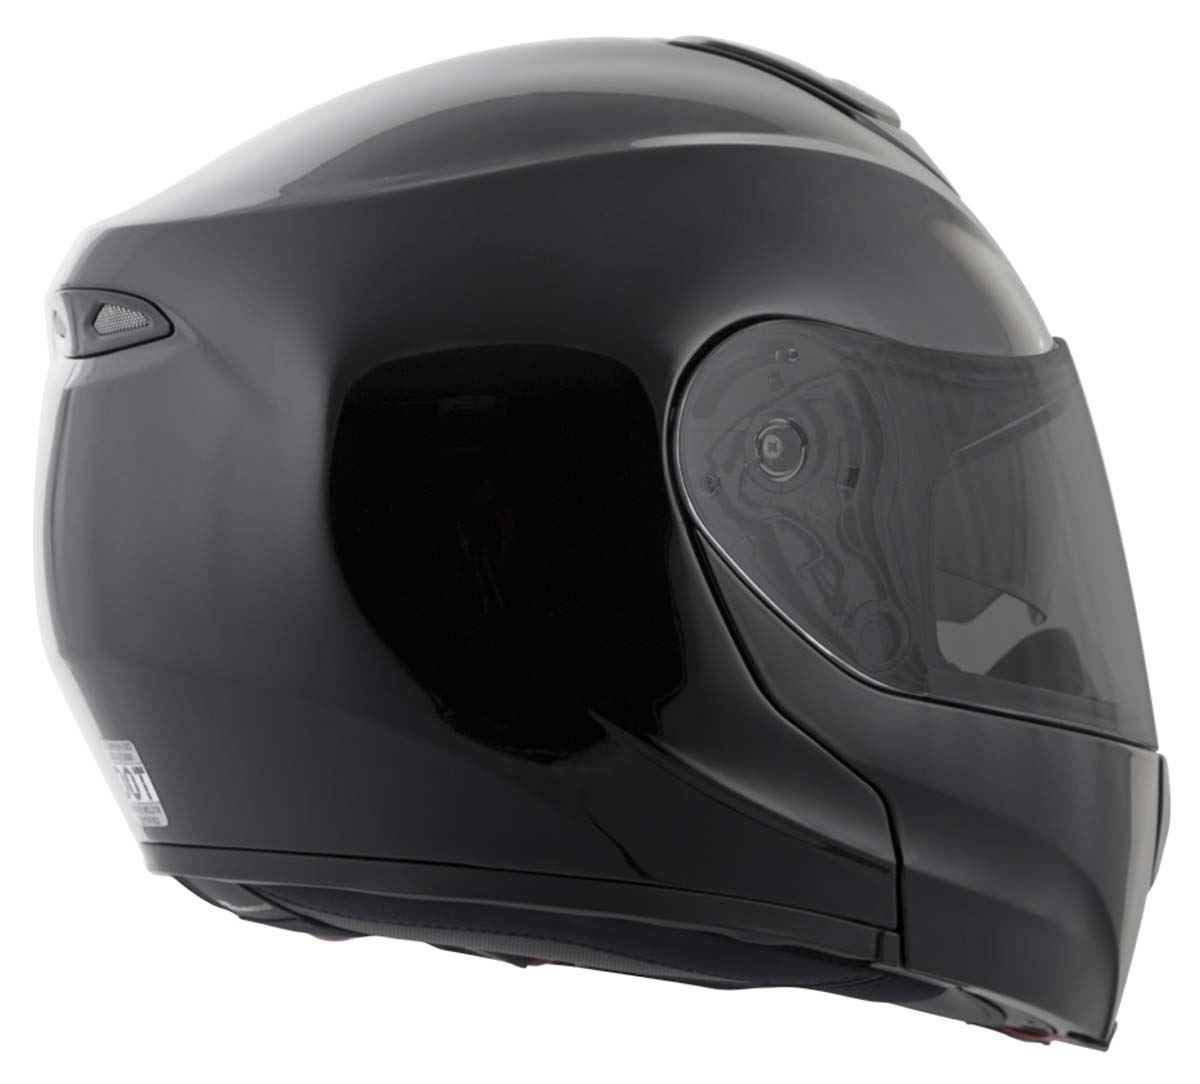 Scorpion-EXO-GT3000-Helmet-Modular-Flip-Up-Premium-DOT-Approved-XS-2XL miniature 10